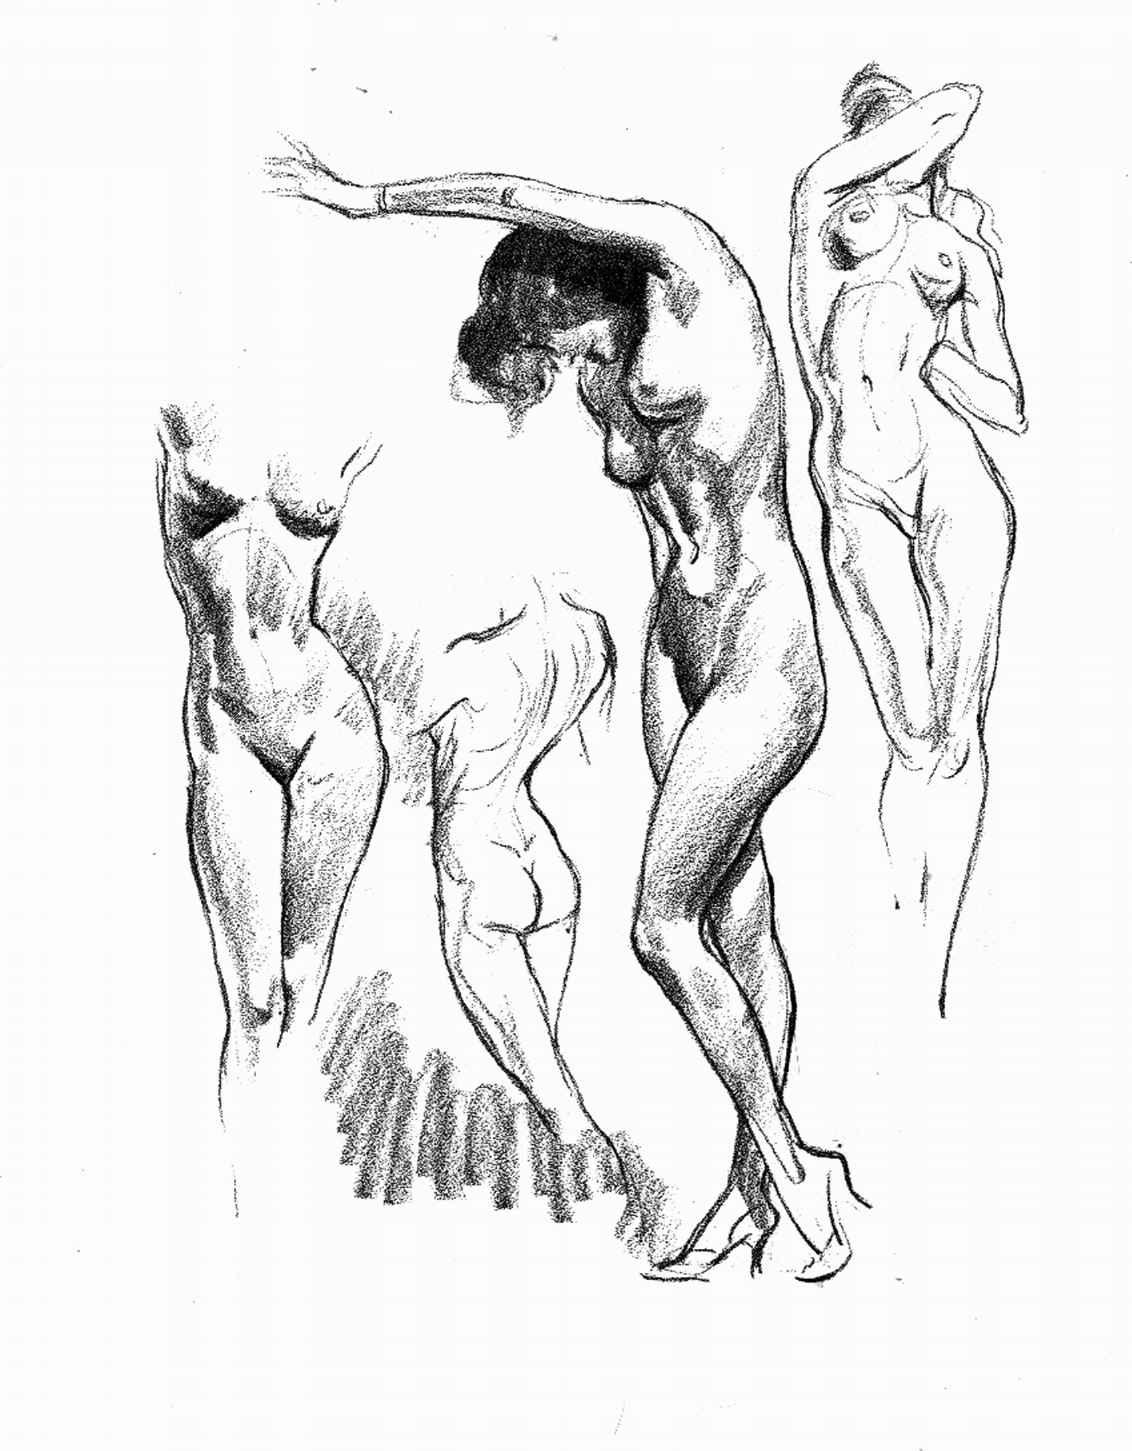 Почему Рисуют Обнаженную Фигуру